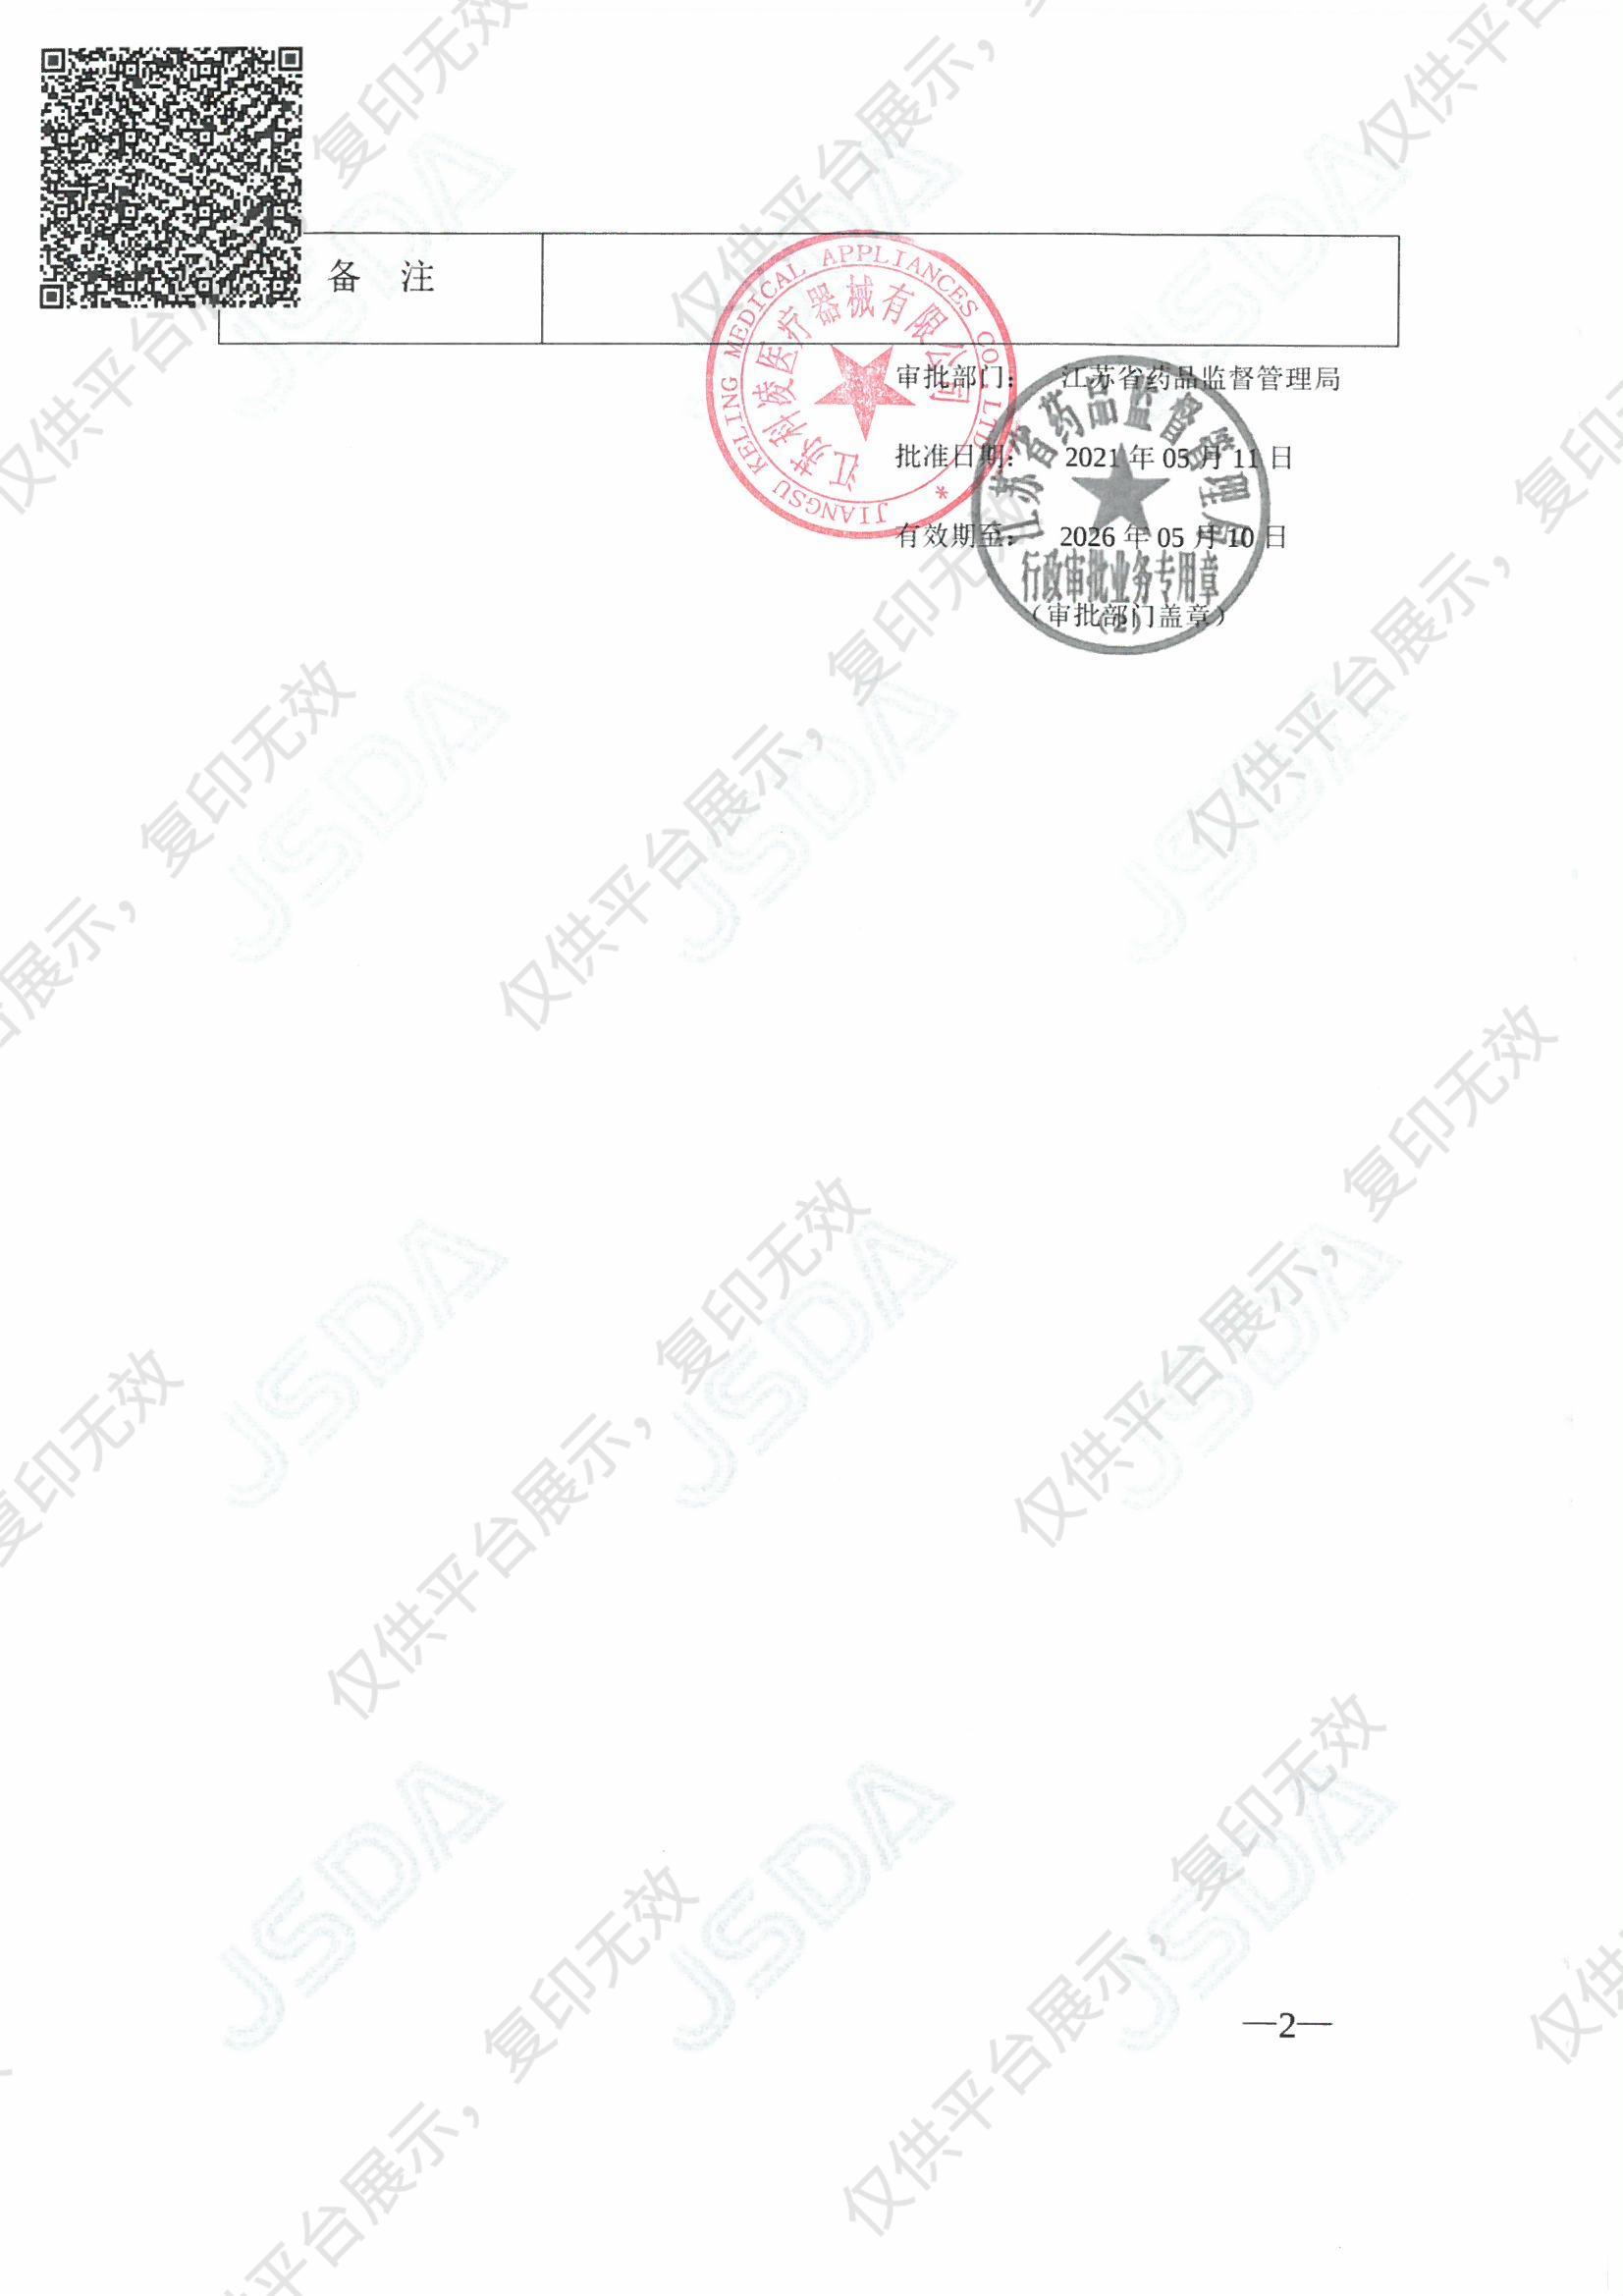 科凌keling 低负压吸引器 DFX-III注册证